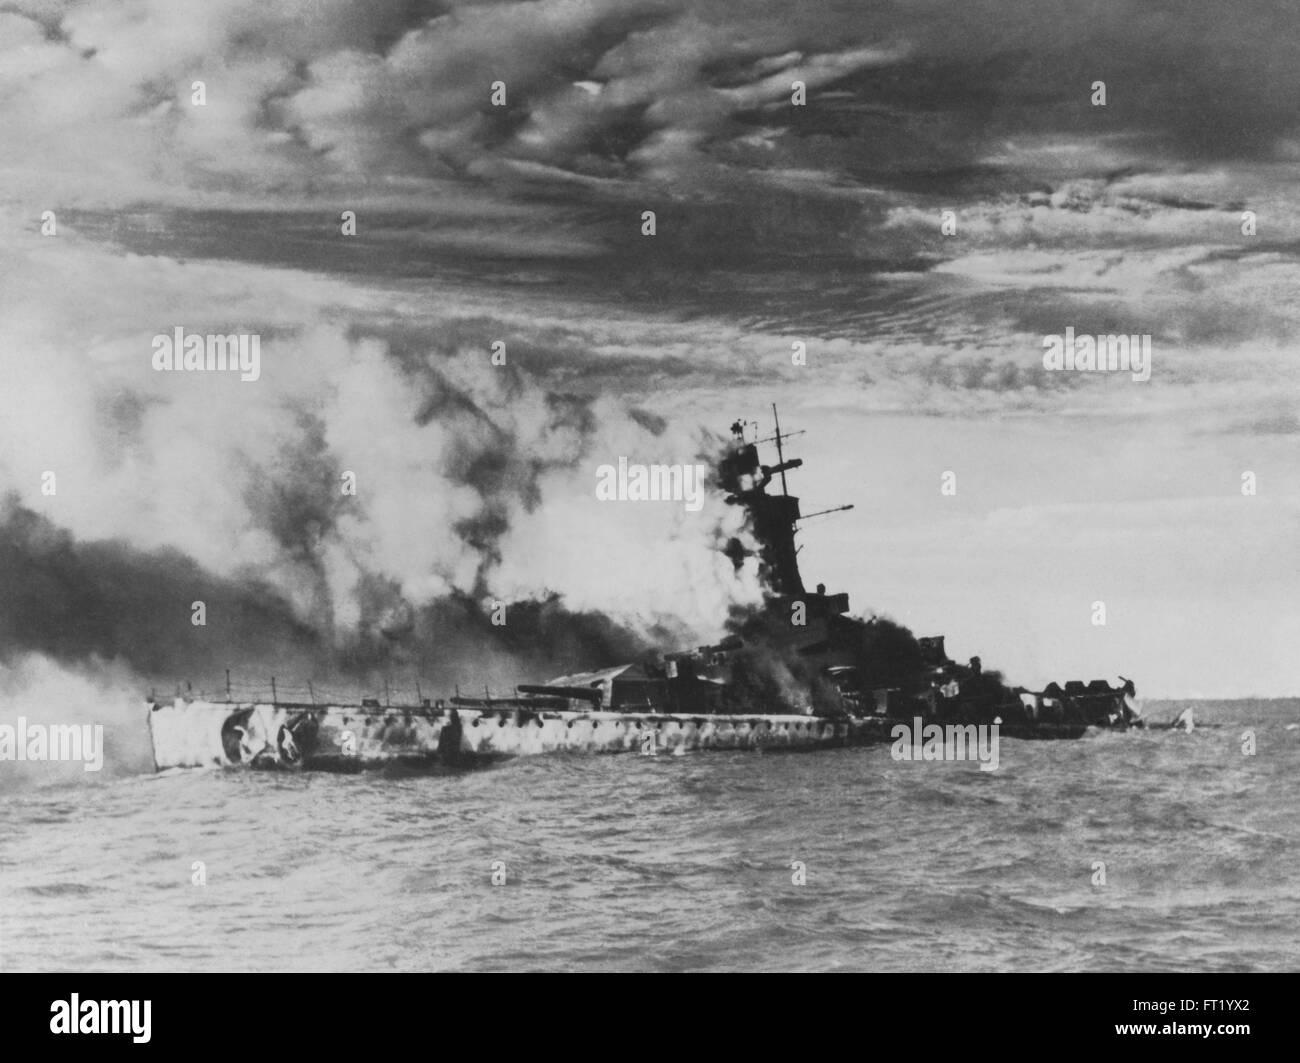 Admiral Graf Spee deutscher Tasche Linienschiff sinken und zerstört wird, wie es auf der Fluss-Platte, Uruguay Stockbild